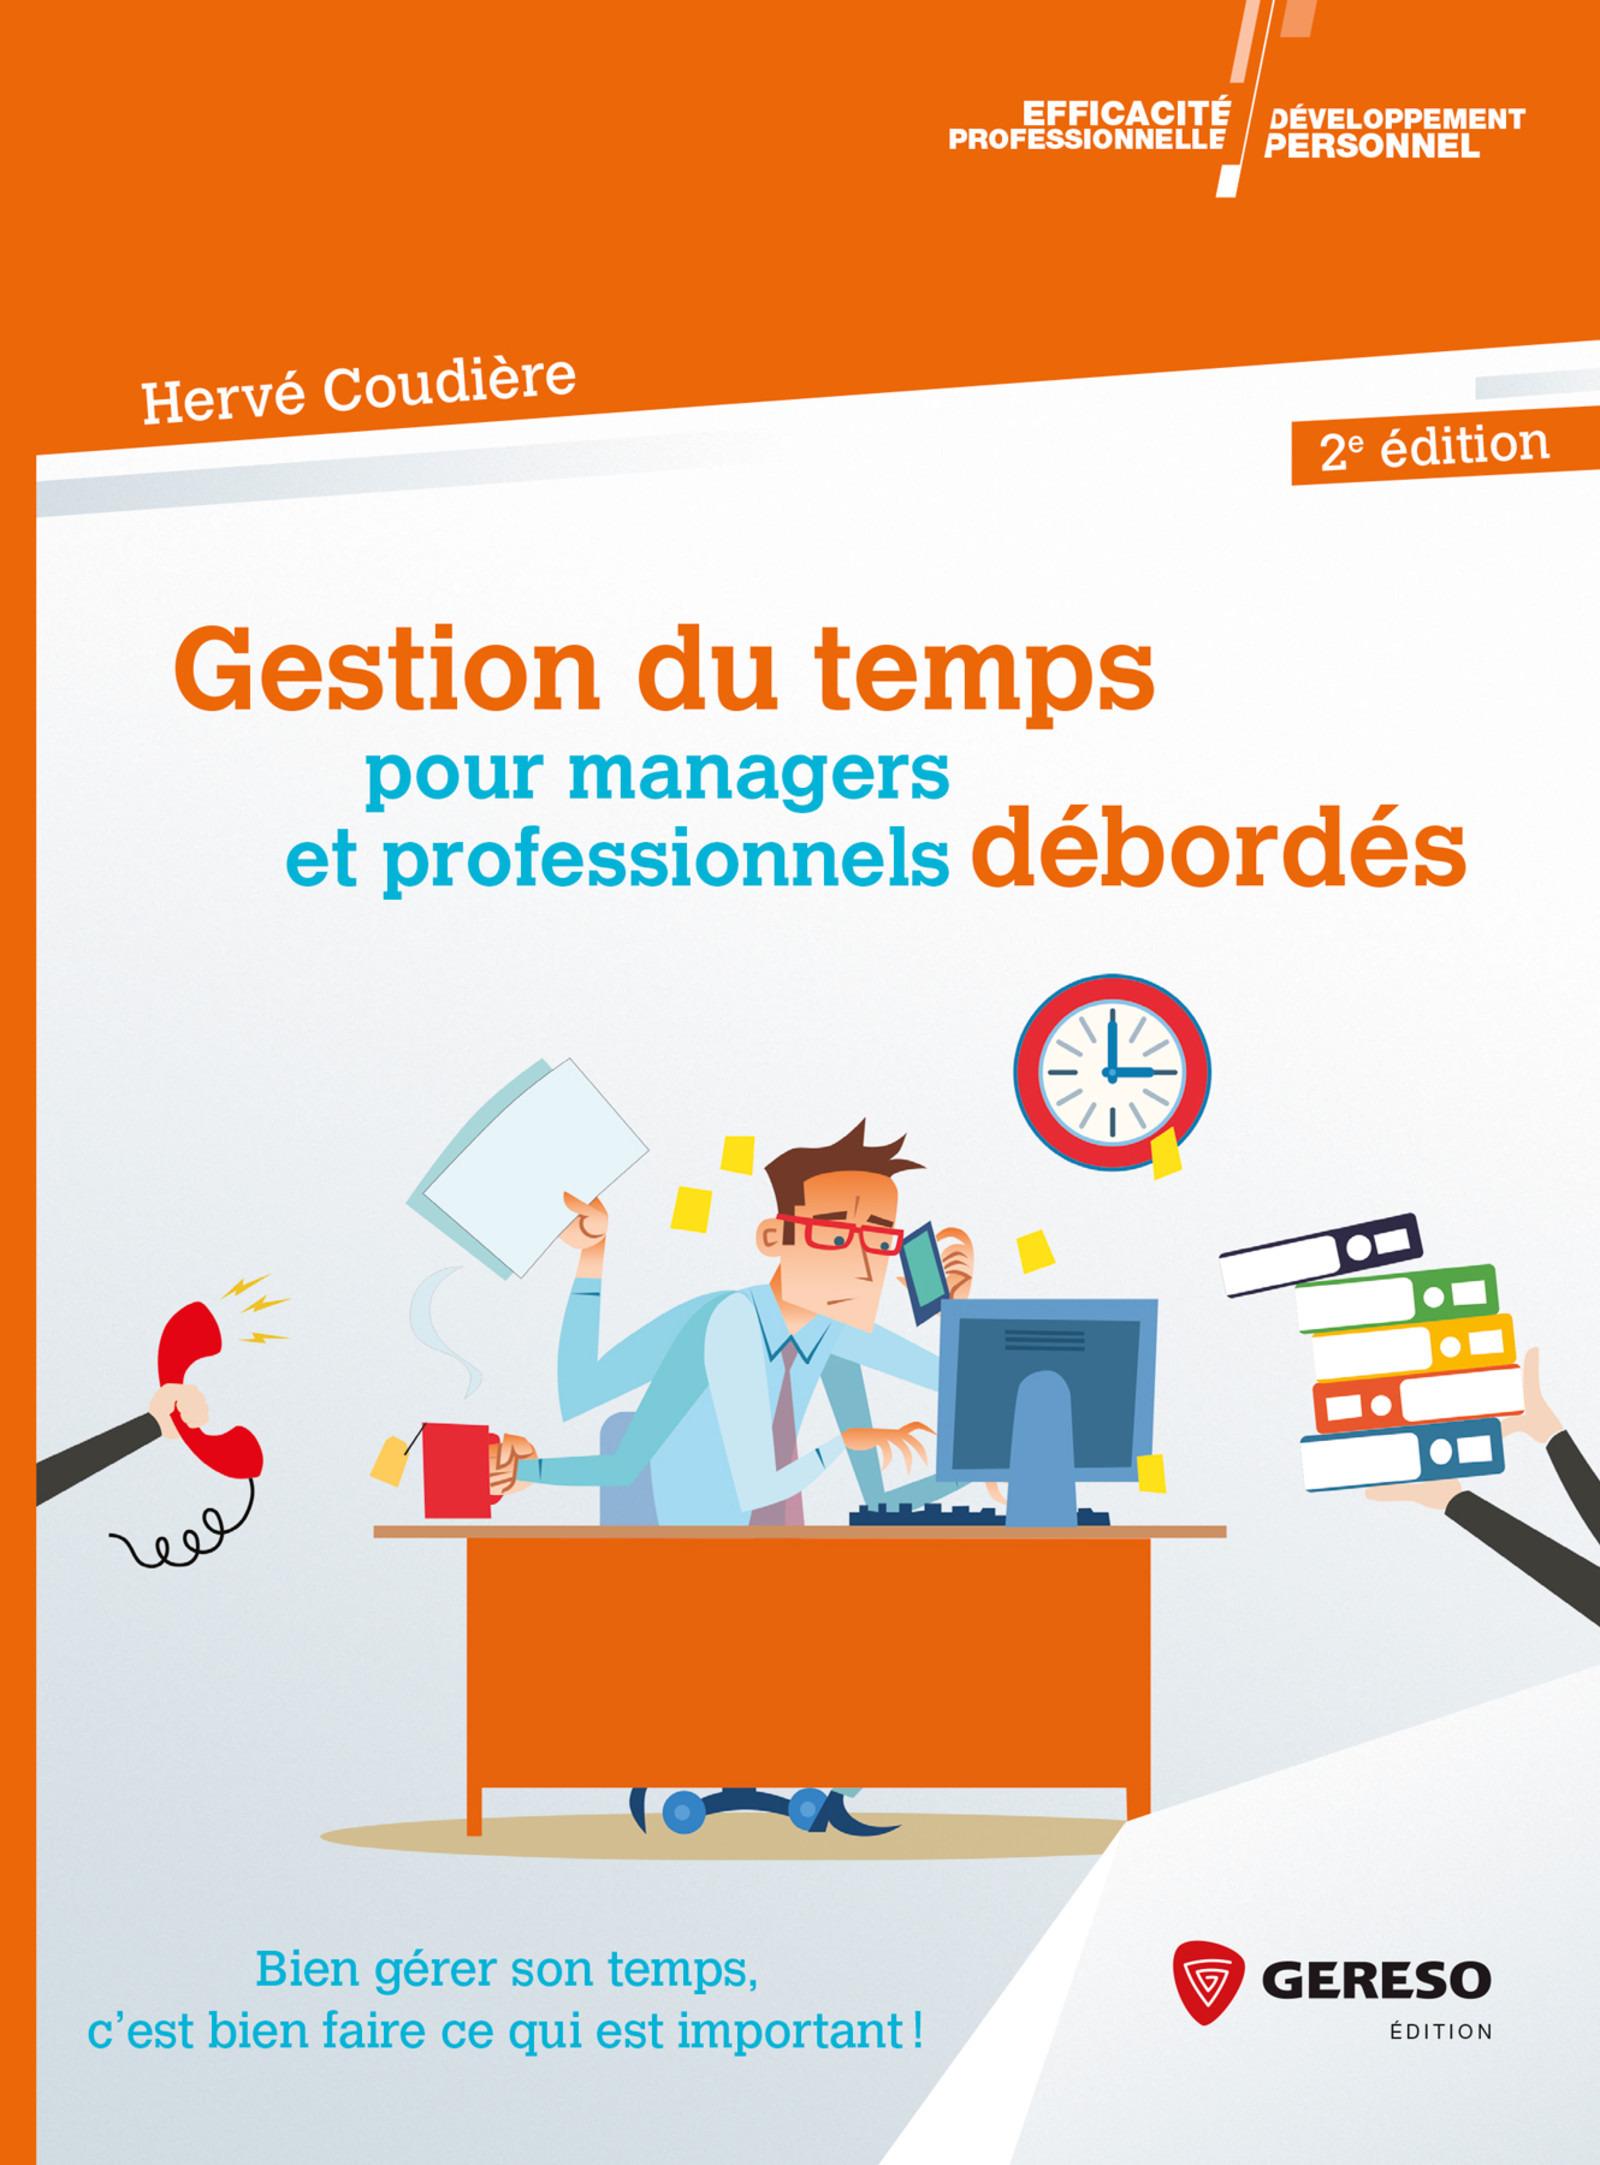 Gestion du temps pour managers et professionnels débordés (2e édition)